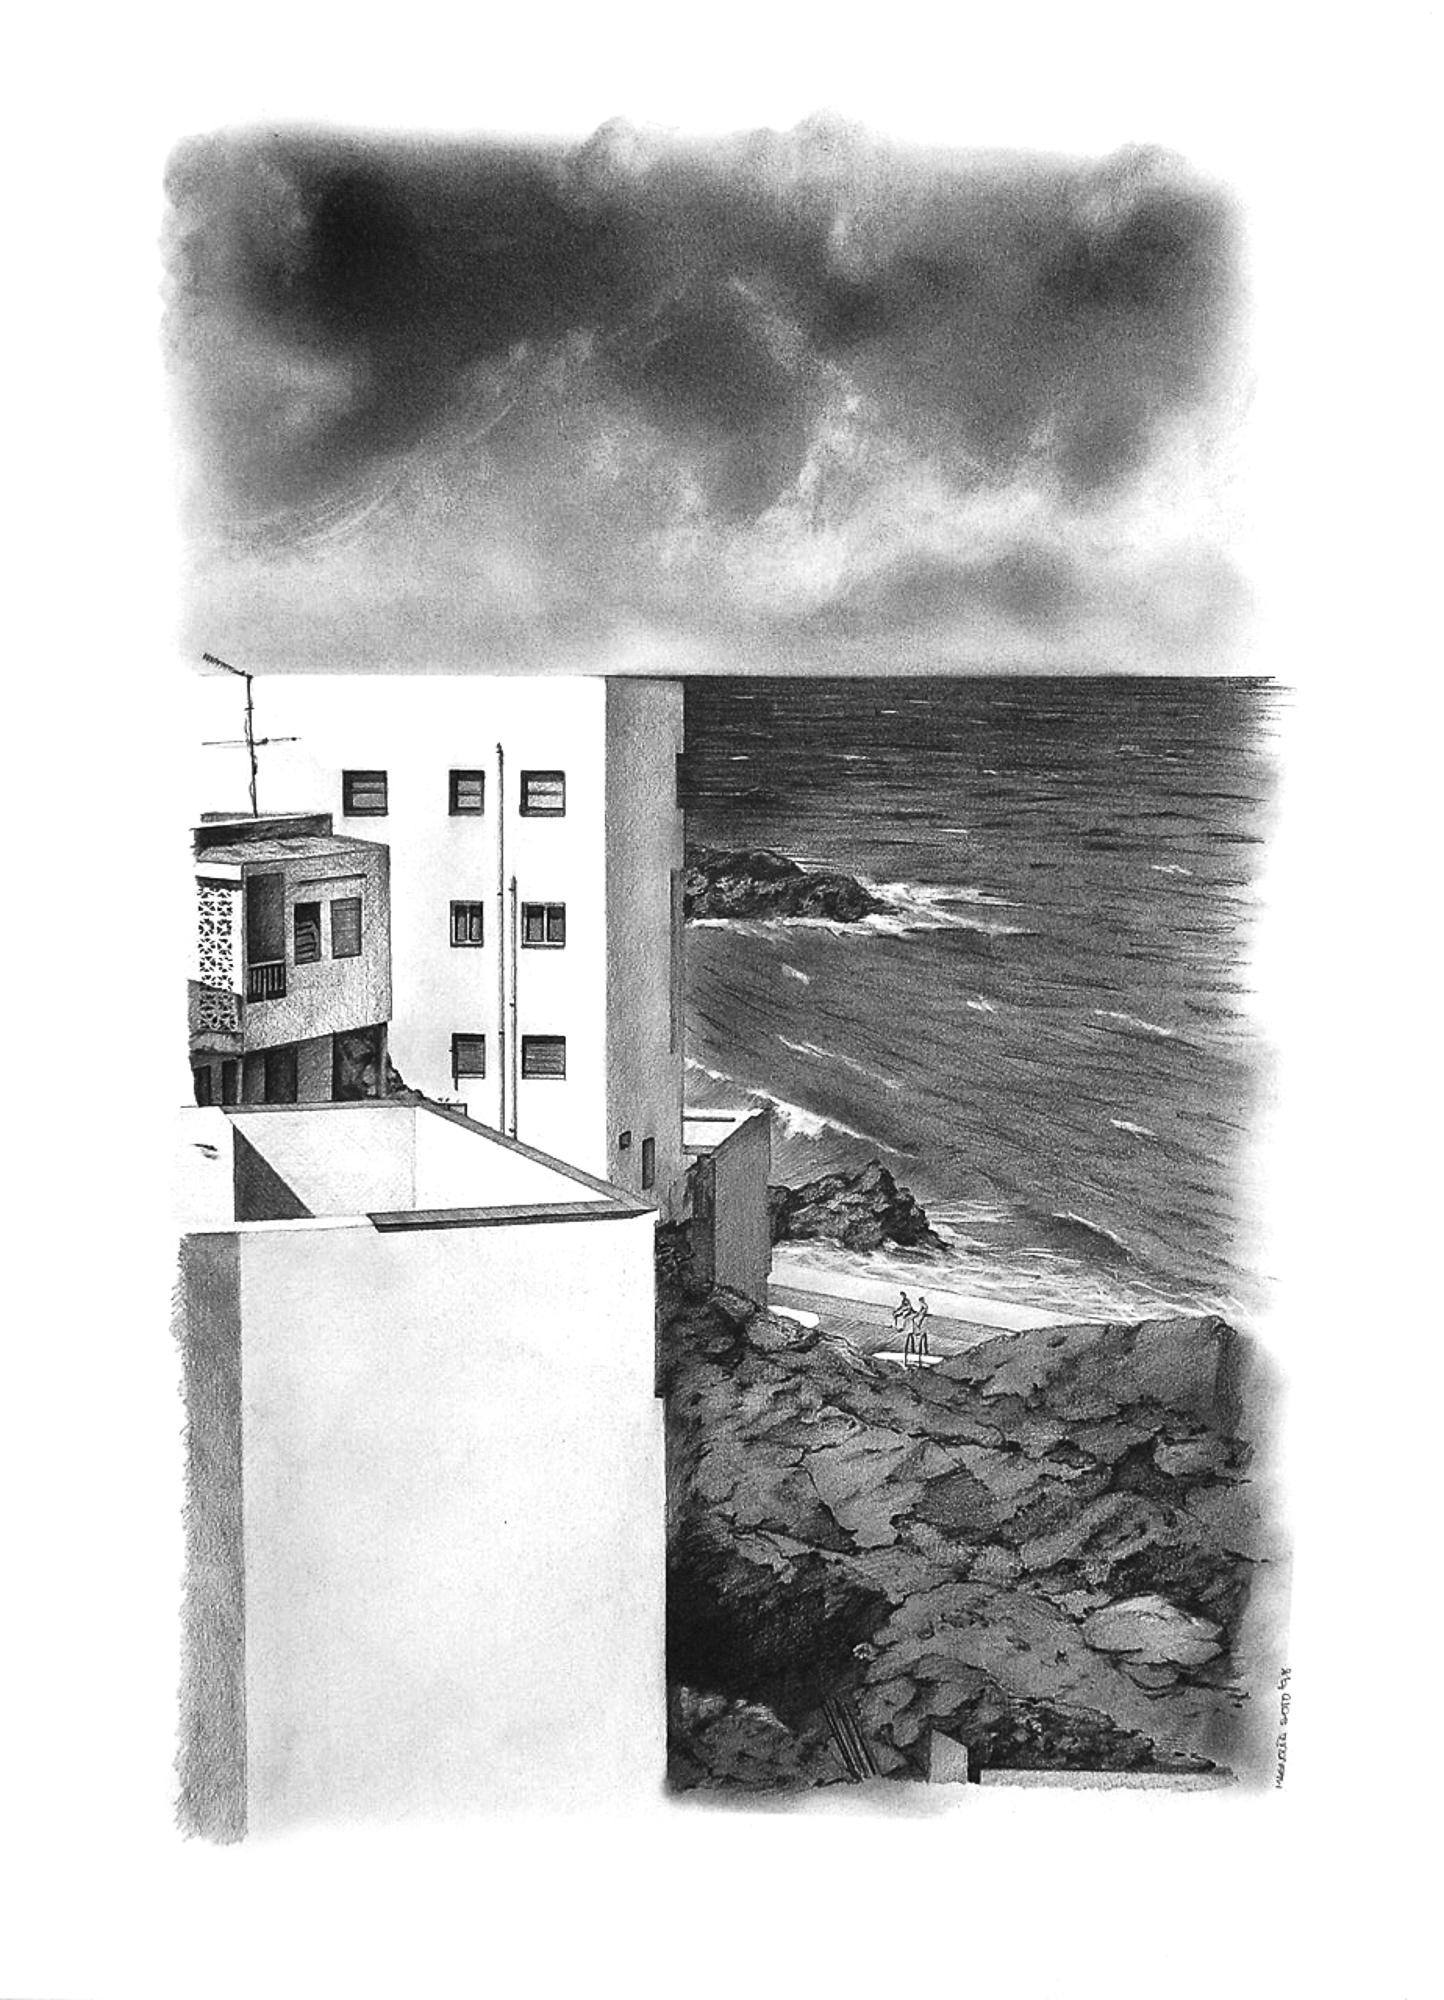 Magnolia Soto. Paisaje Canario 15. 1998. Grafito sobre papel. 50 x 37 cm.